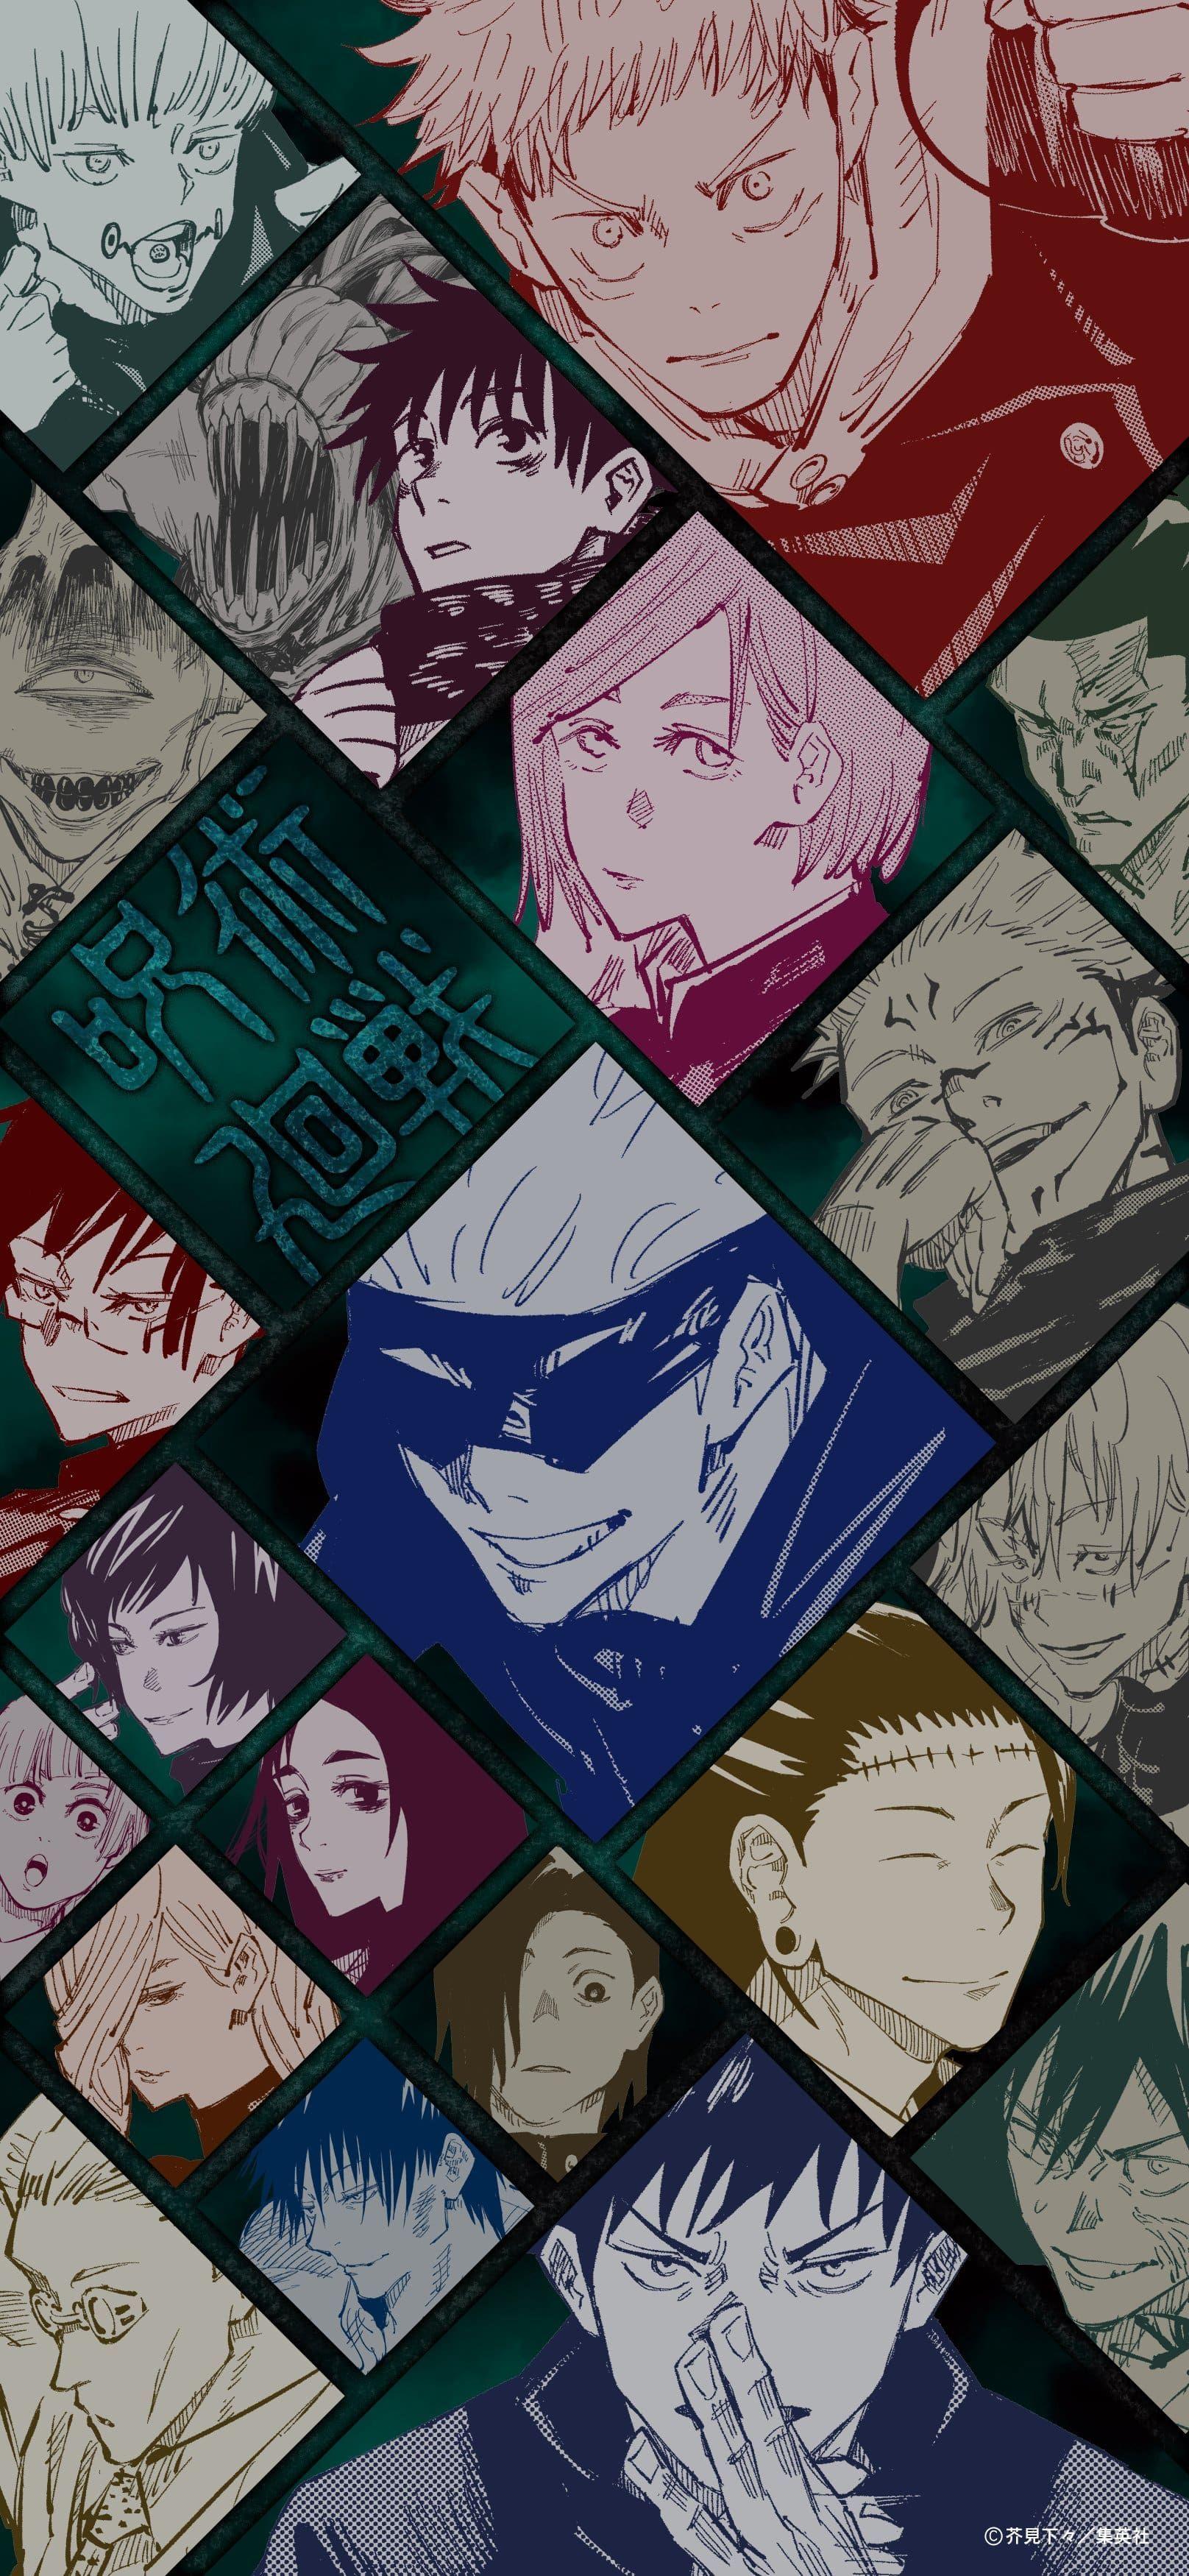 Iphone Jujutsu Kaisen Wallpaper Jujutsu Anime Wallpaper Anime Wallpaper Iphone